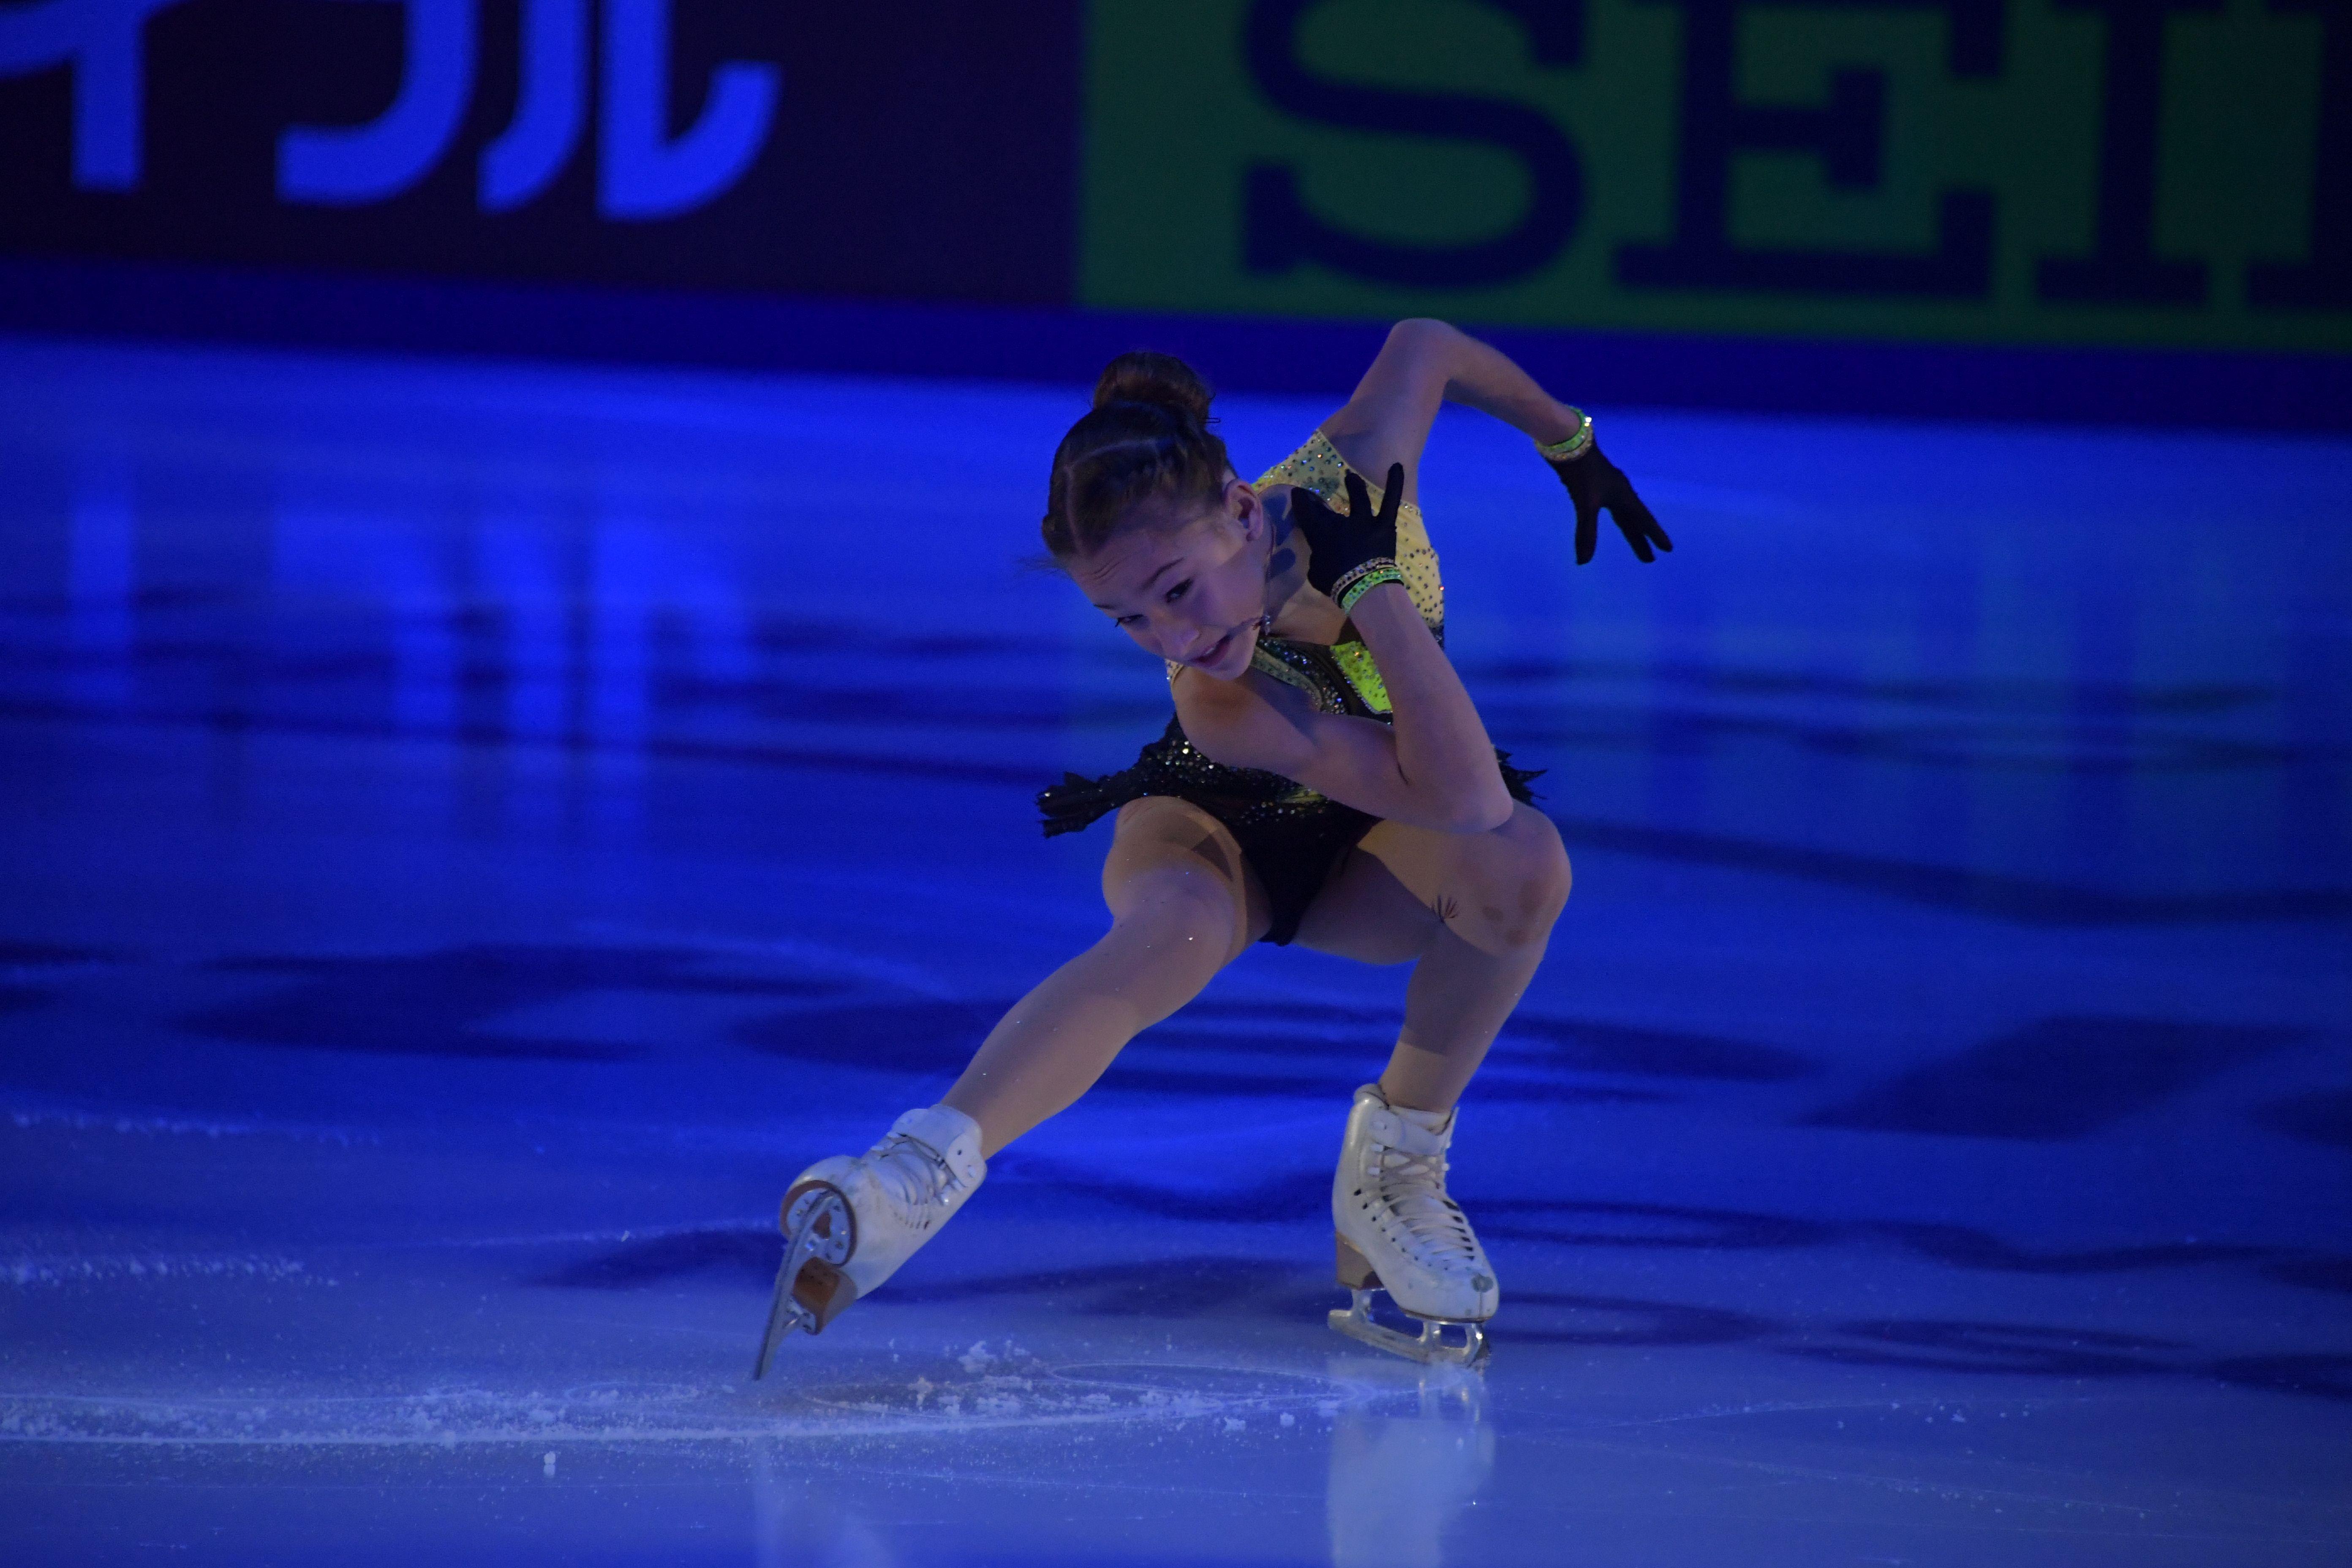 Золотой прокат Акатьевой с четверными и тройным акселем. ВИДЕО